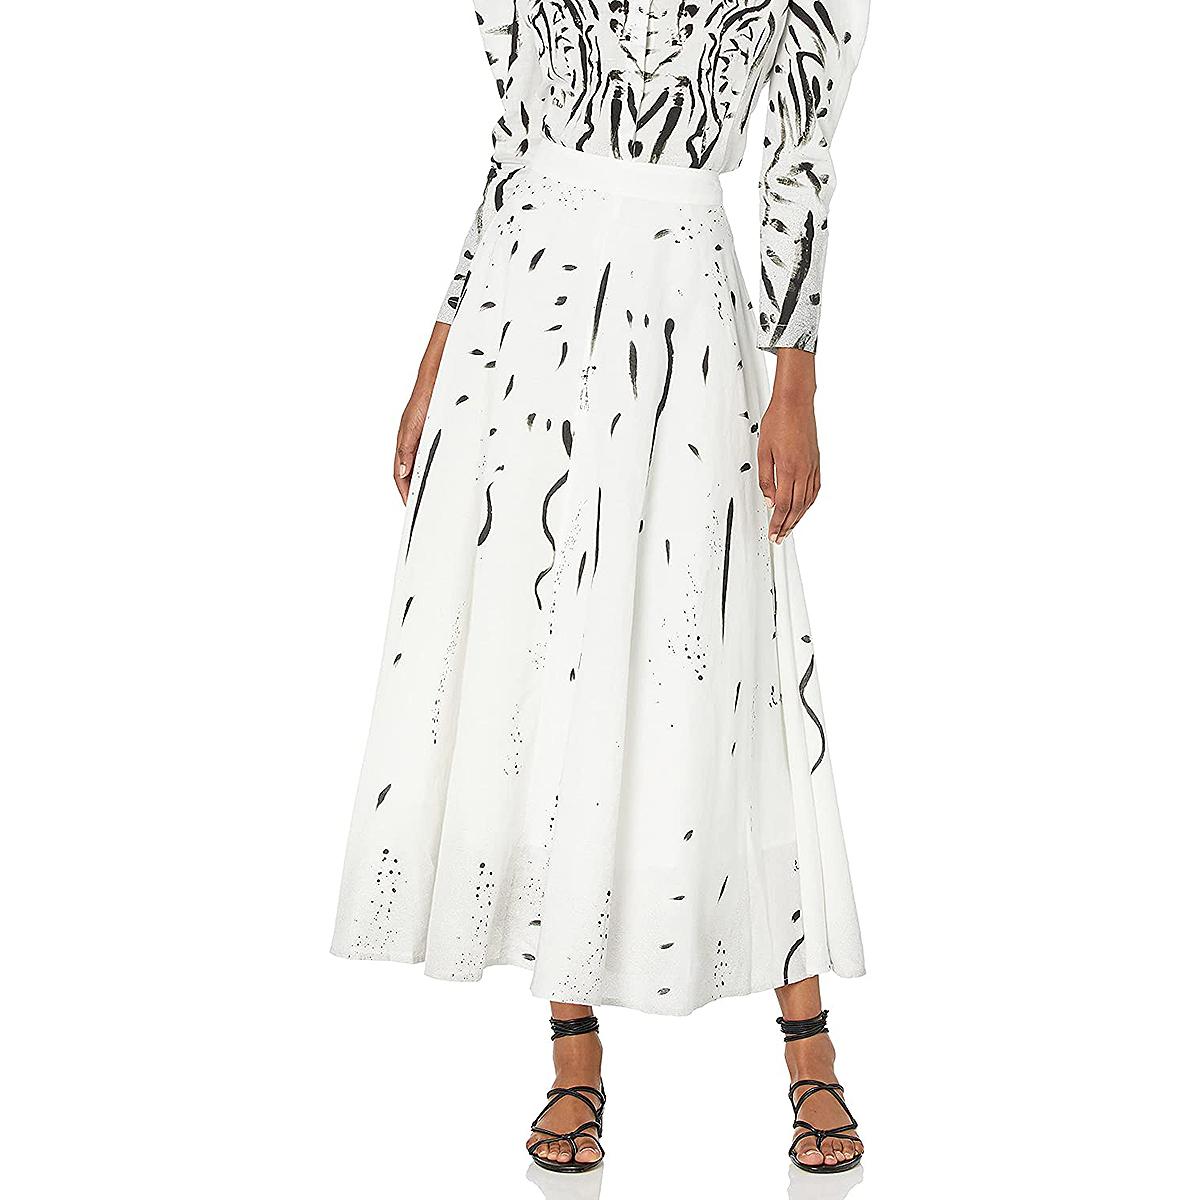 making-the-cut-amazon-garys-painted-skirt